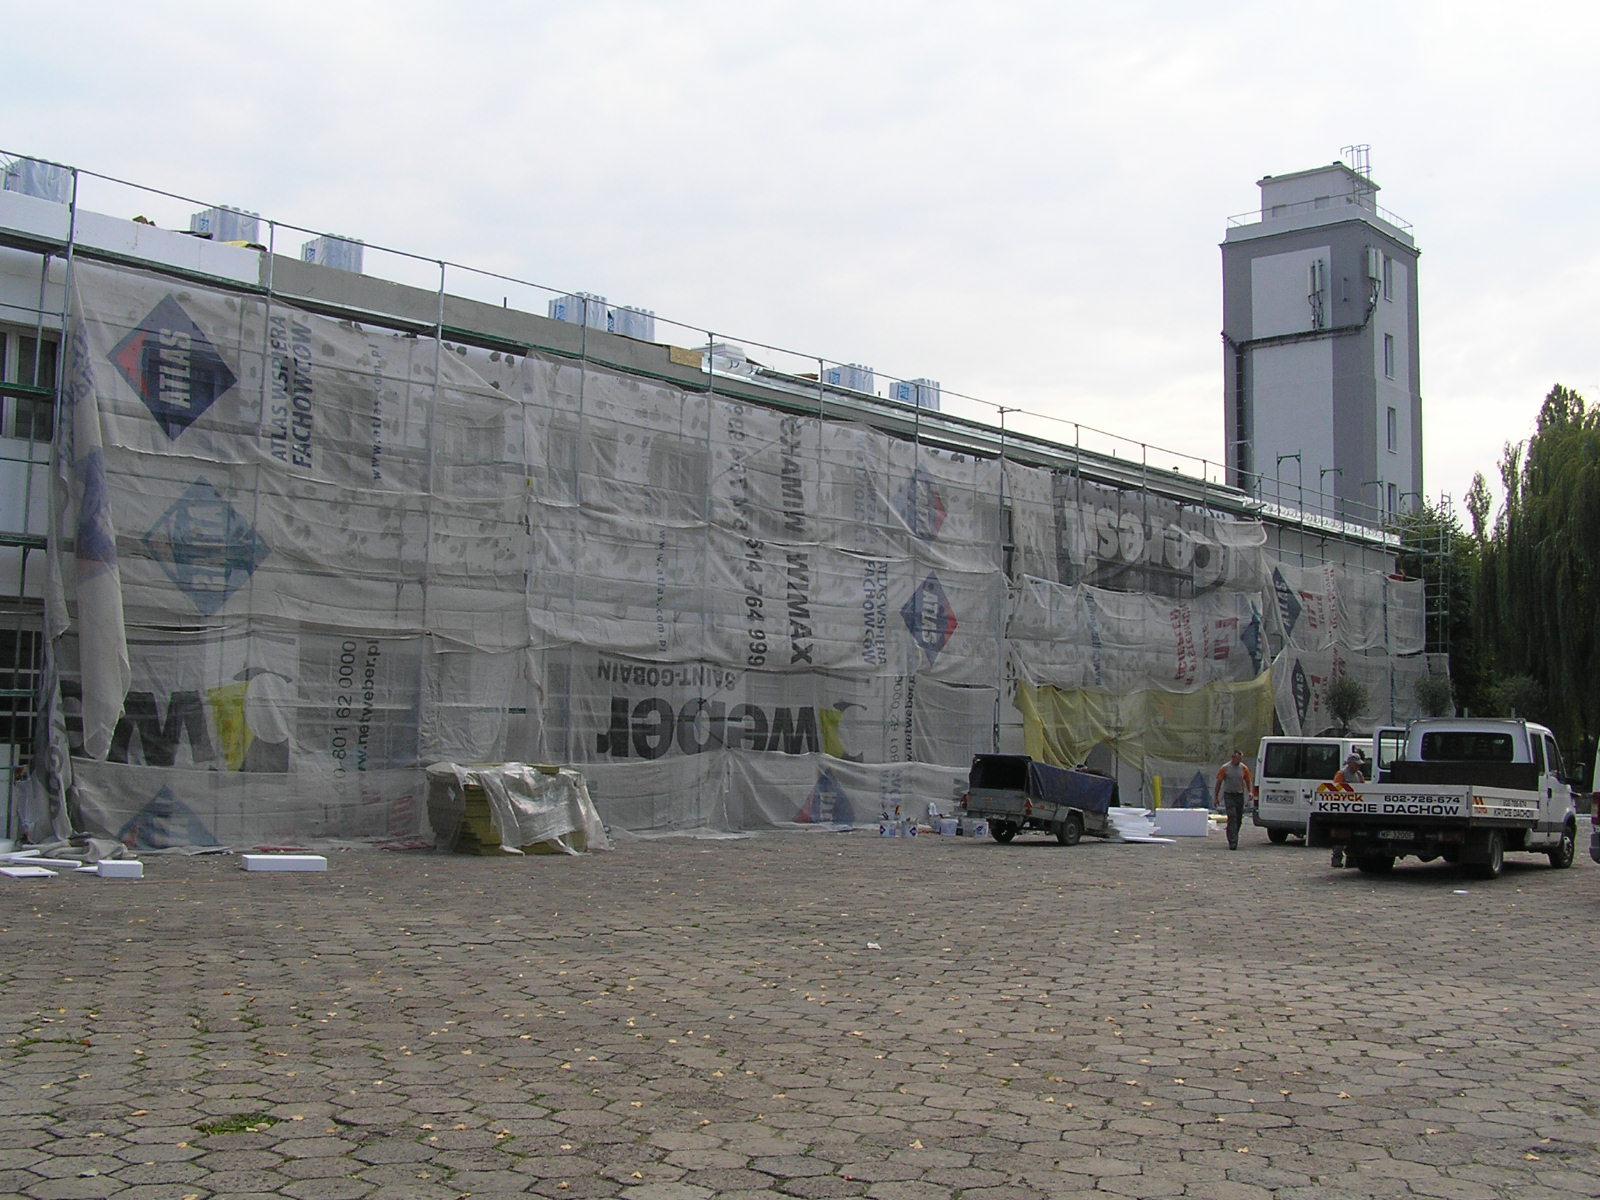 Remont u strażaków. Trwa ocieplanie budynków przy Majdańskiej 38/40